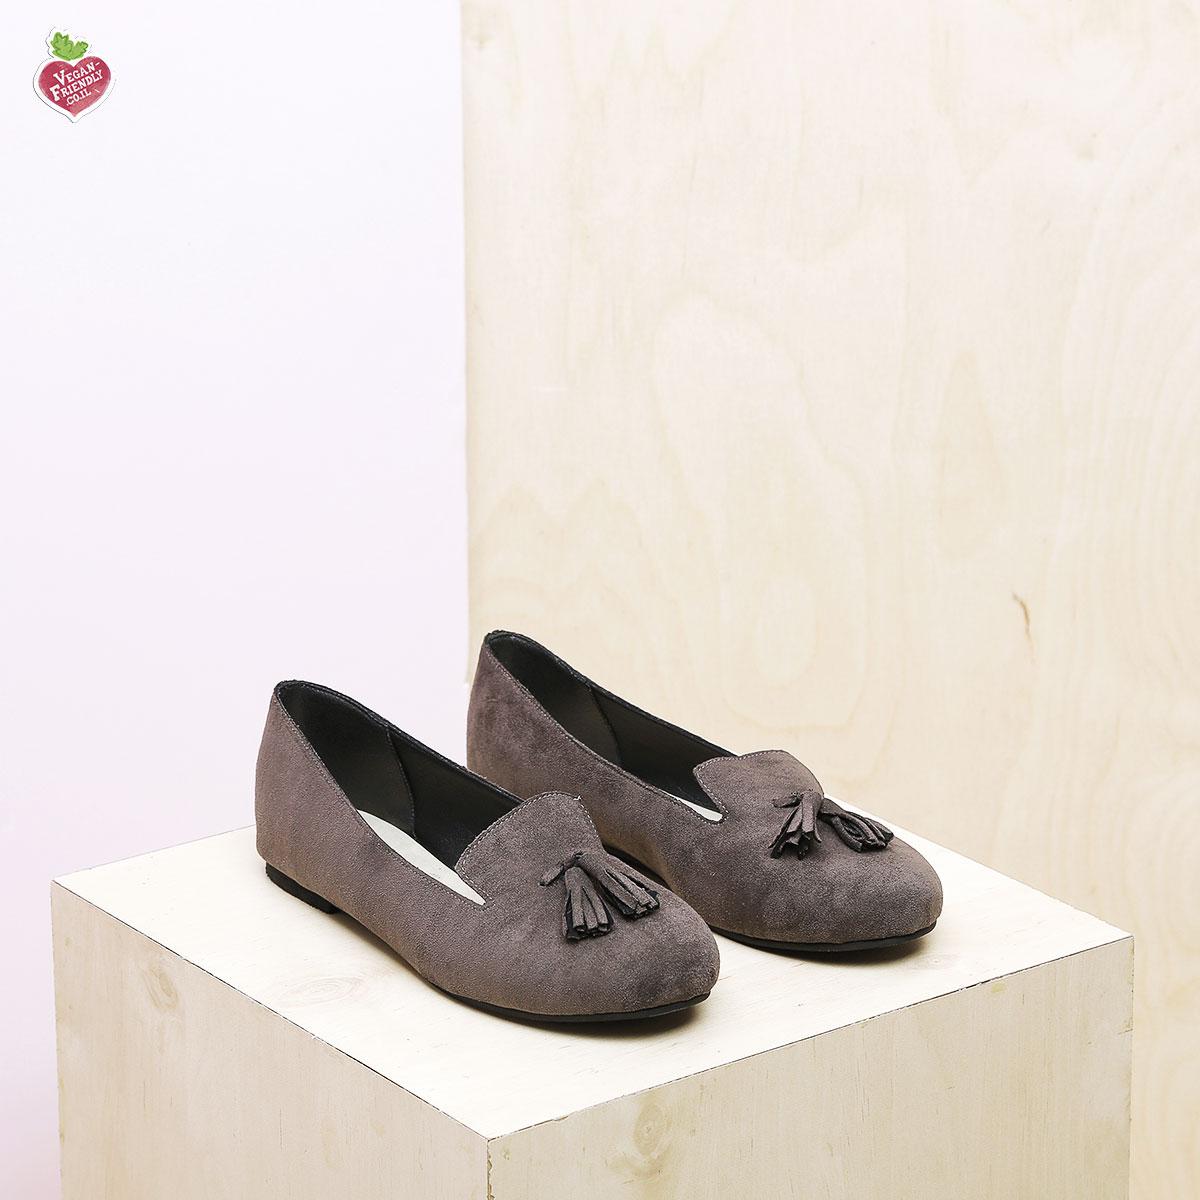 דגם צ'סטר: נעלי בובה טבעוניות בצבע אפור